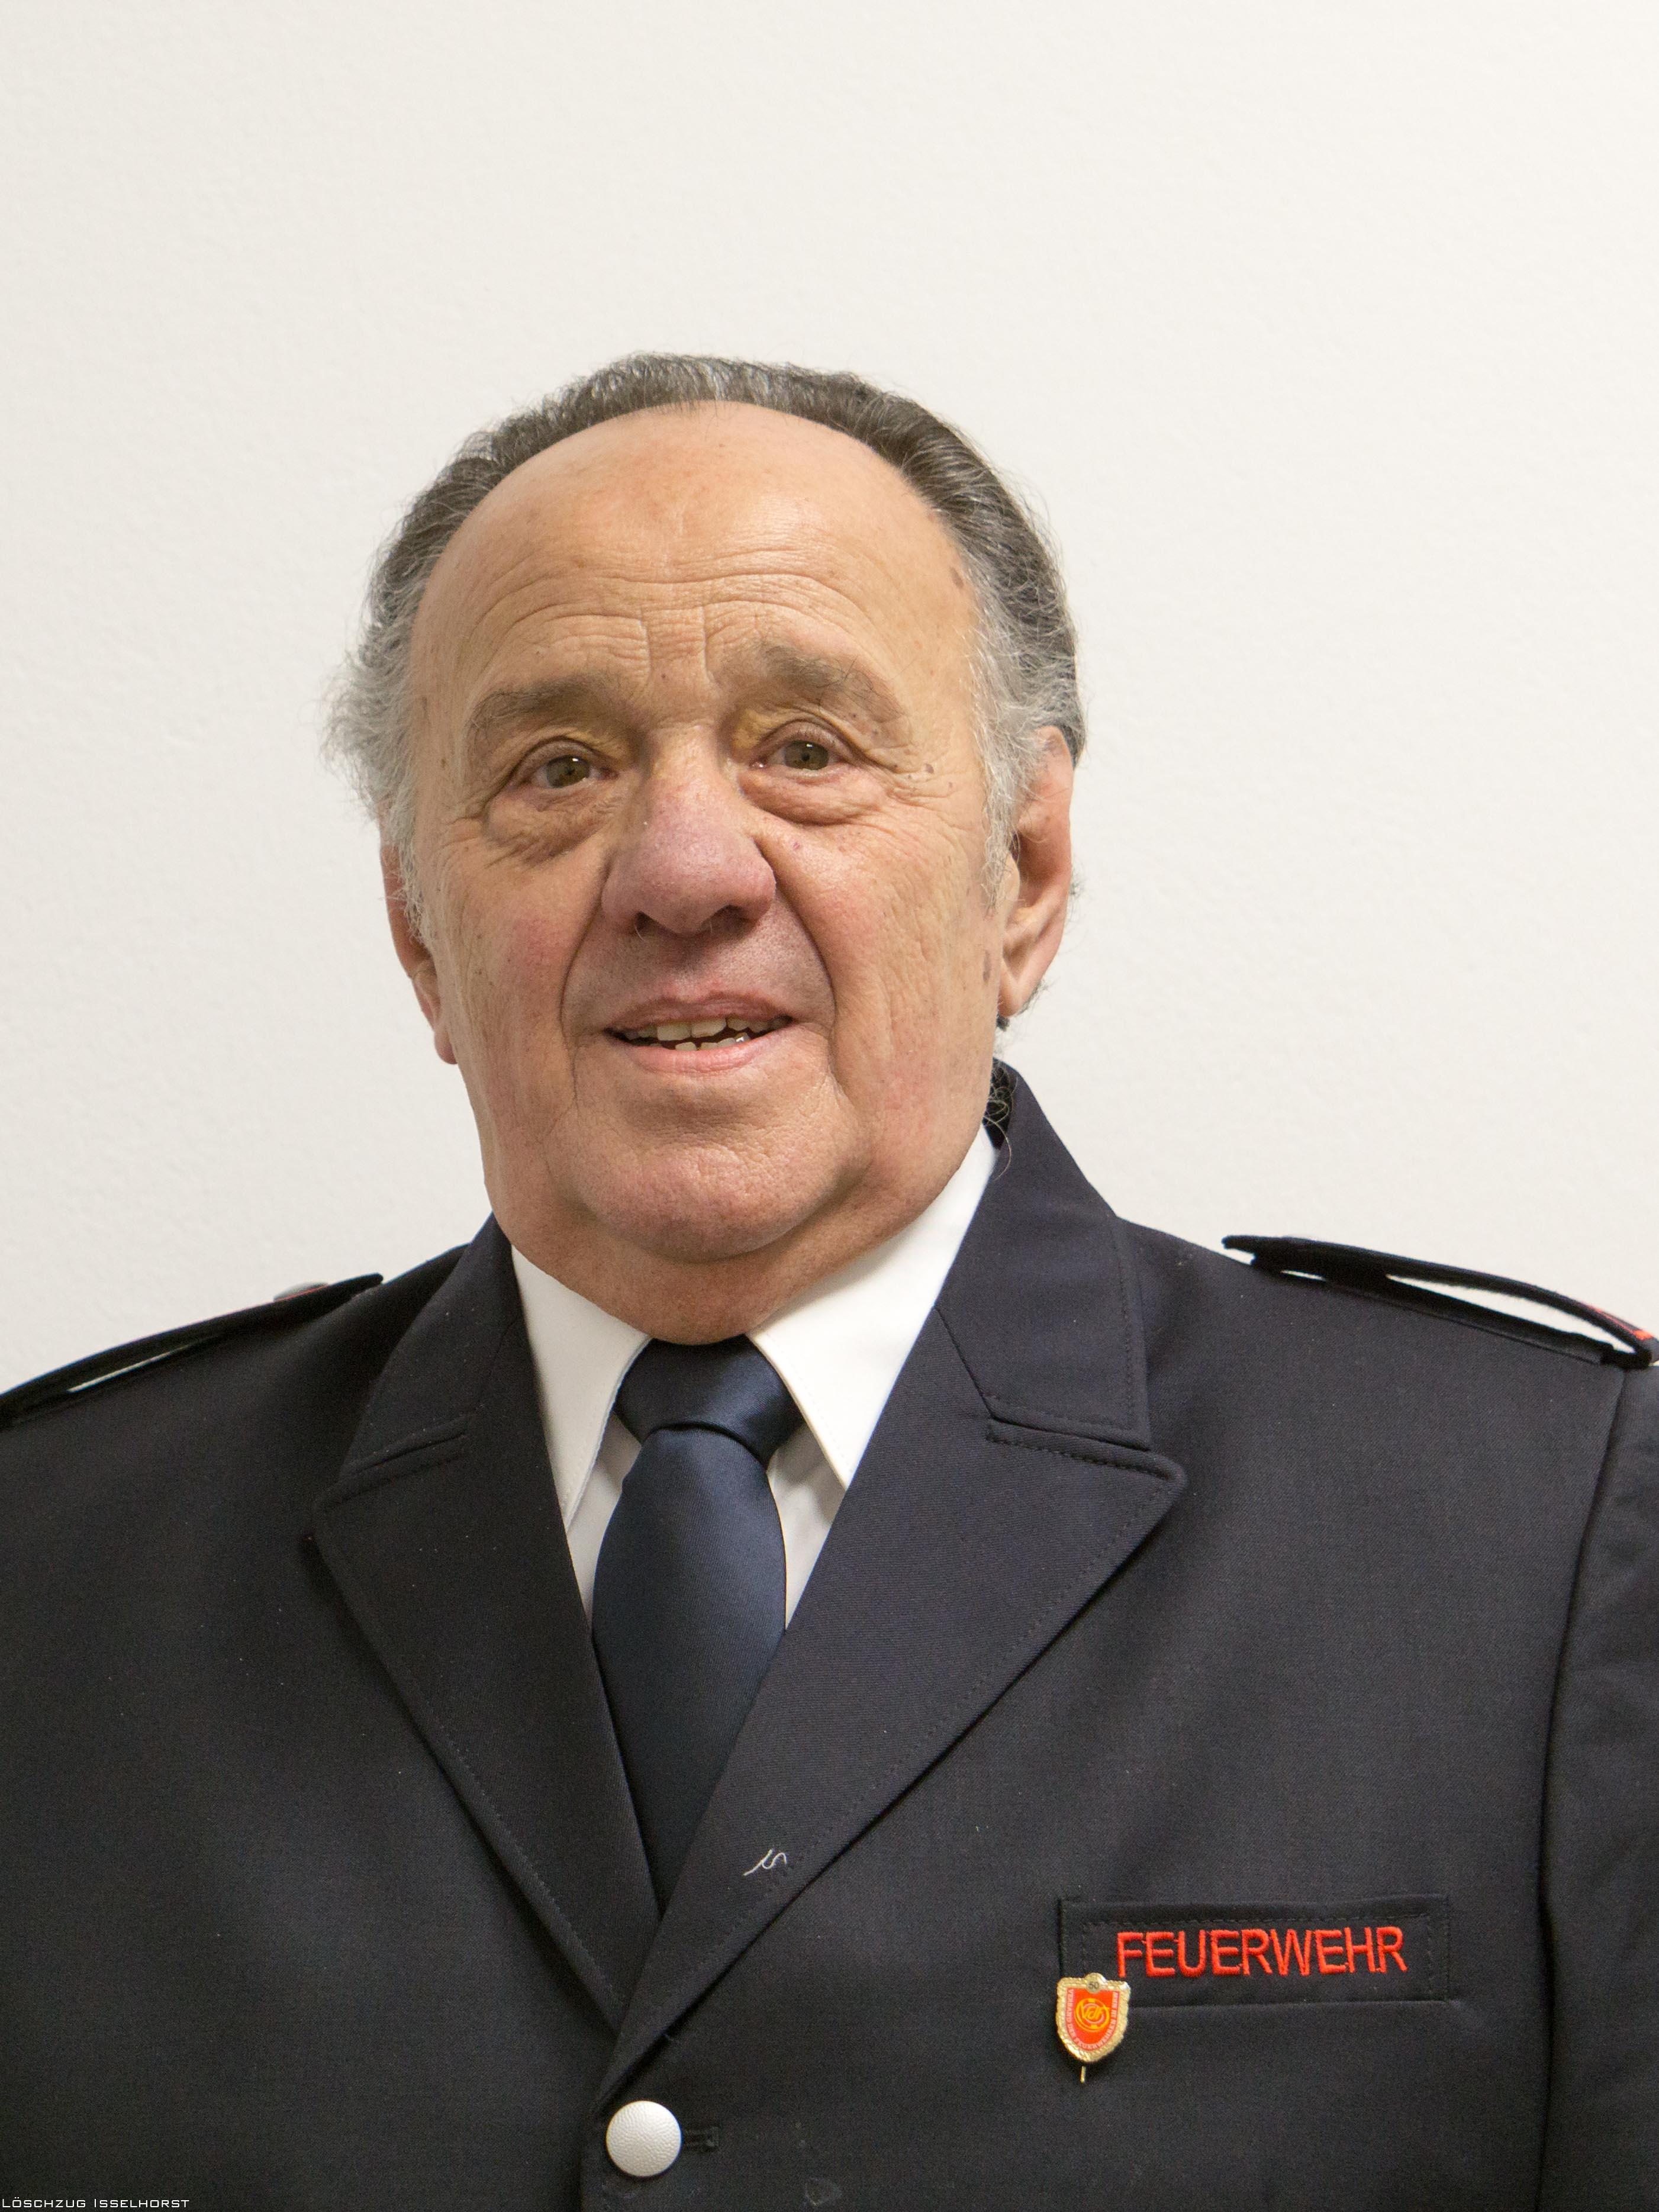 Fritz Steinhoff